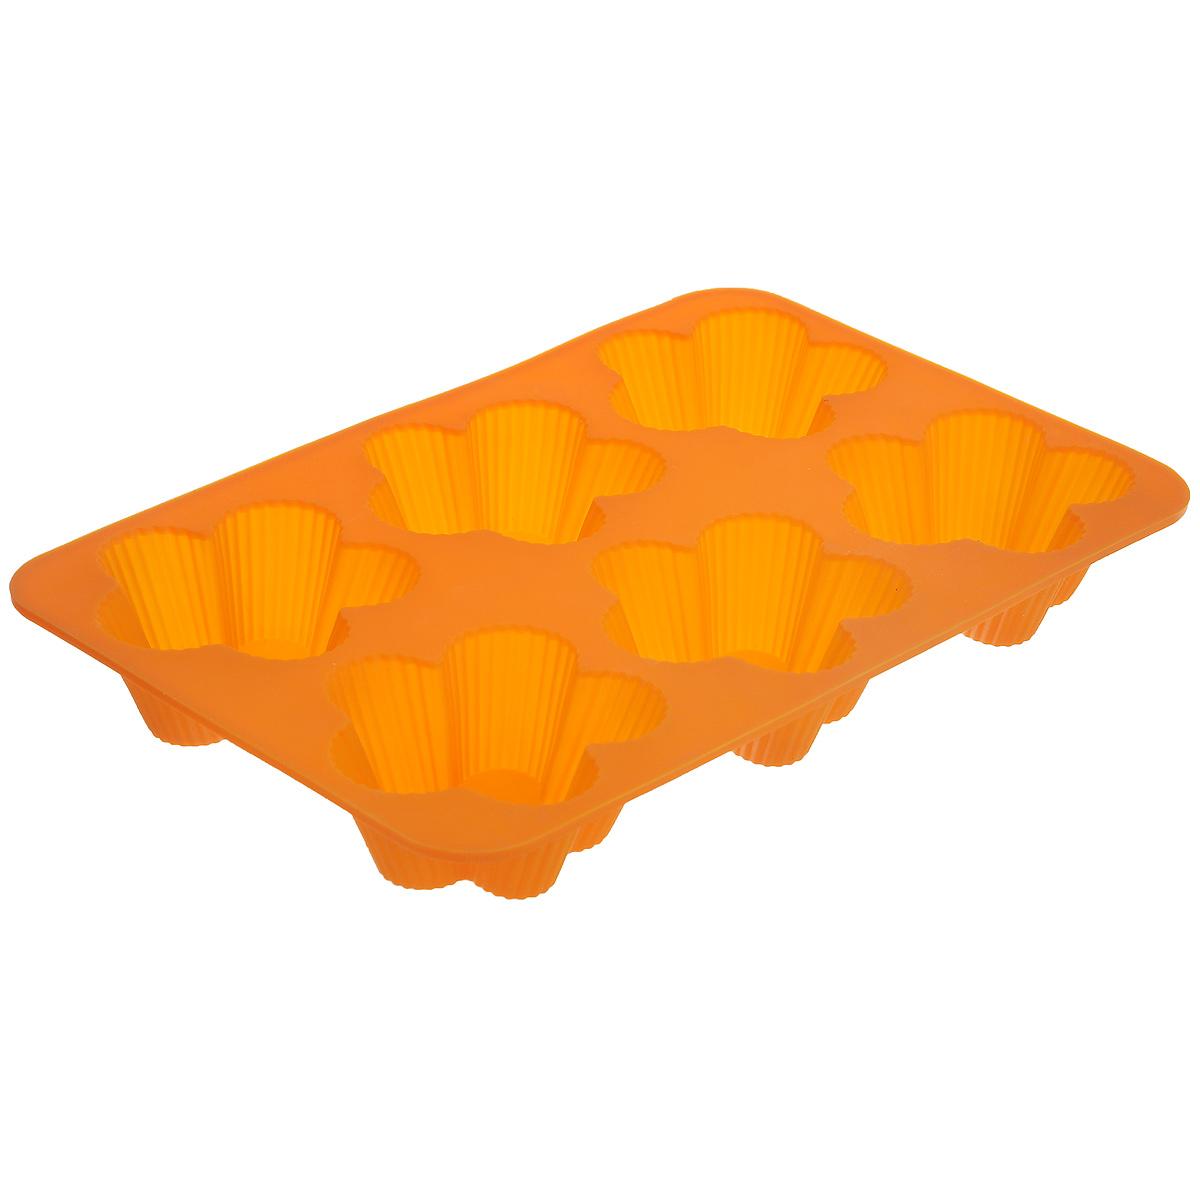 """Форма Marmiton """"Цветочки"""", изготовленная из высококачественного пищевого силикона,  предназначена для приготовления выпечки, льда, конфет, желе, запеканок, шоколада, пудингов.  На одном листе расположено 6 ячеек, выполненных в виде цветов.   С такой формой вы всегда сможете порадовать своих близких оригинальной выпечкой.   Силикон устойчив к фруктовым кислотам, к воздействию низких и высоких температур  (выдерживает температуру от 240°C до - 40°C). Не взаимодействует с продуктами питания и не  впитывает их запахи, как при нагревании, так и при заморозке. Обладает естественными  антипригарными свойствами. Неприлипающая поверхность идеальна для духовки, морозильника,  микроволновой печи и аэрогриля. Из формы легко и быстро можно достать выпечку.  Силиконовая форма также практична при хранении за счет гибкости, ее можно смело мыть в  посудомоечной машине. Общий размер формы: 25,5 см х 17,5 см х 3 см.Размер ячейки: 7,5 см х 7,5 см х 3 см.  Уважаемые клиенты! Обращаем ваше внимание на то, что упаковка может иметь несколько видов  дизайна.  Поставка осуществляется в зависимости от наличия на складе."""